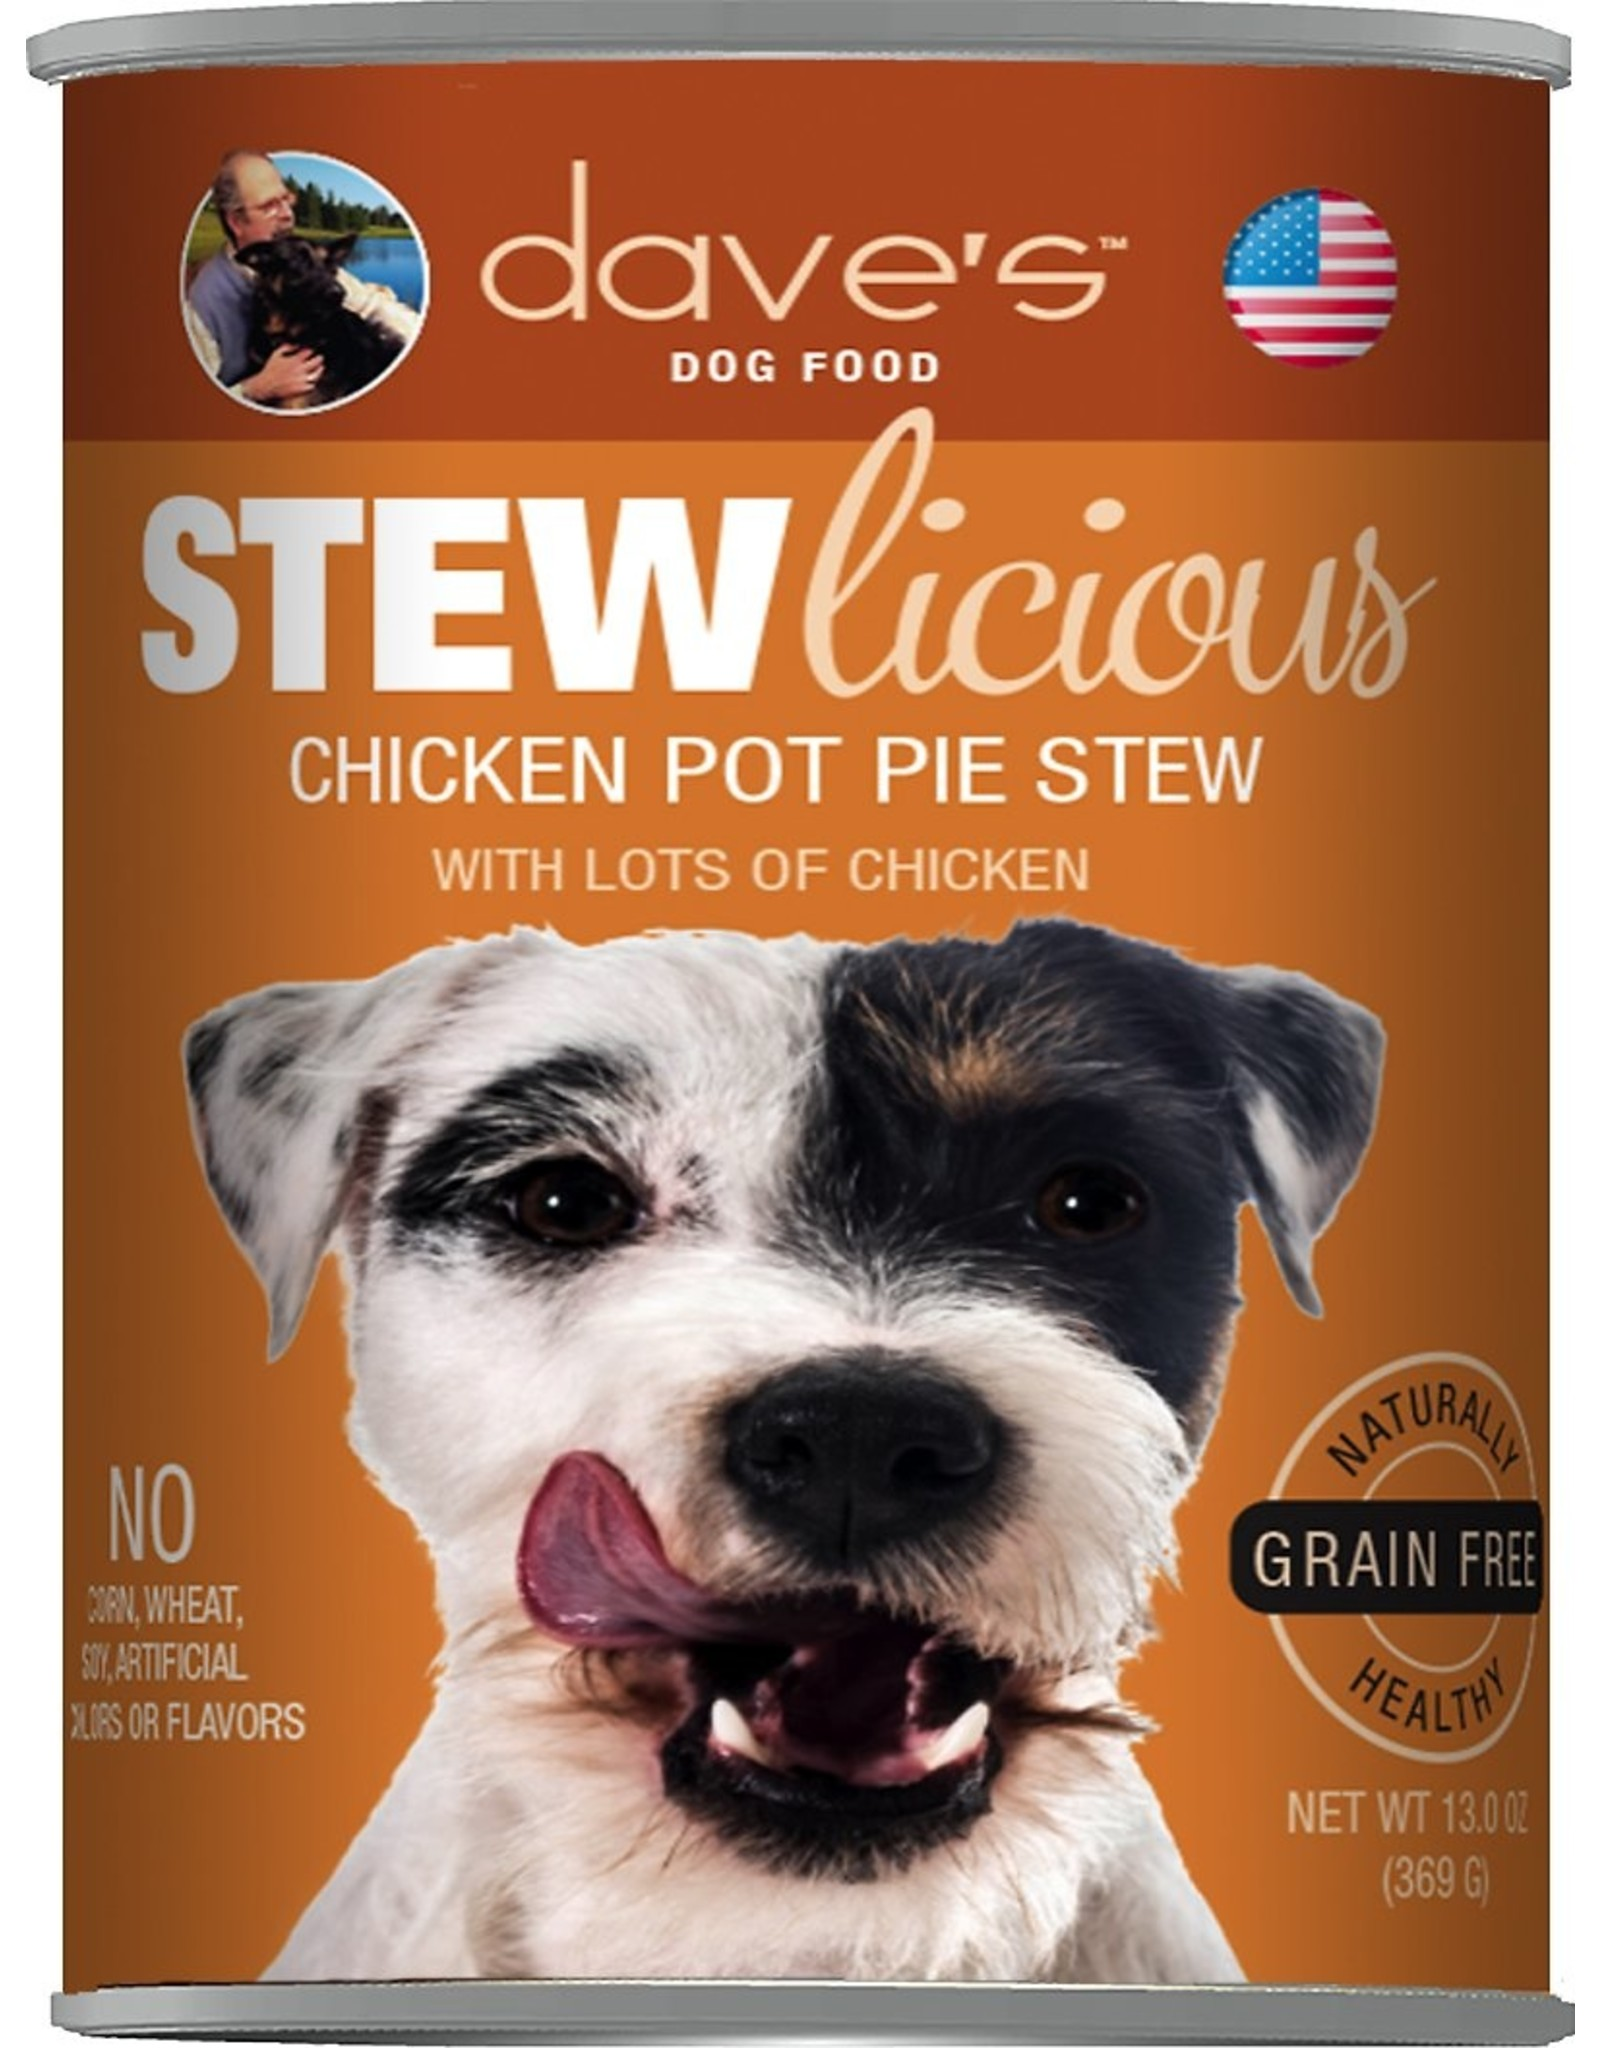 Dave's Pet Food DAVE'S DOG STEWLICIOUS CHICKEN POT PIE STEW 13OZ